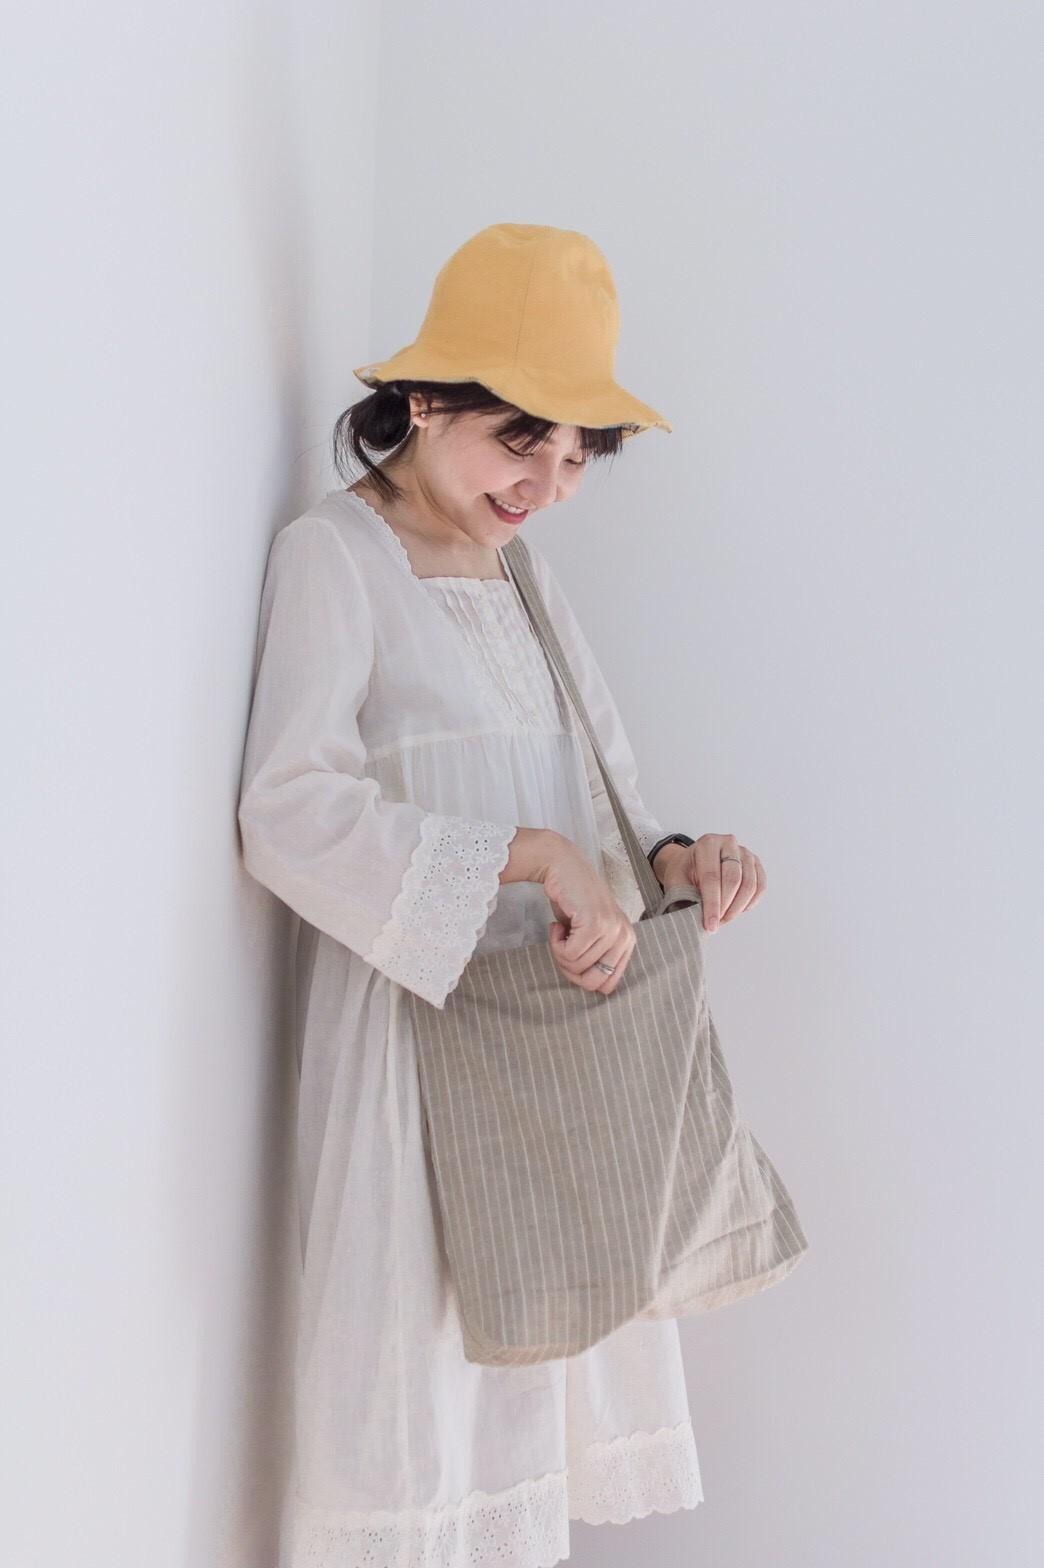 กระเป๋าผ้า,กระเป๋าผ้าลินิน,handmadebag,totebag,canvastotebag,canvasbag,minimalstyle,waraleesday,linenbag,linenfabric,totebagthailand,linentotebag